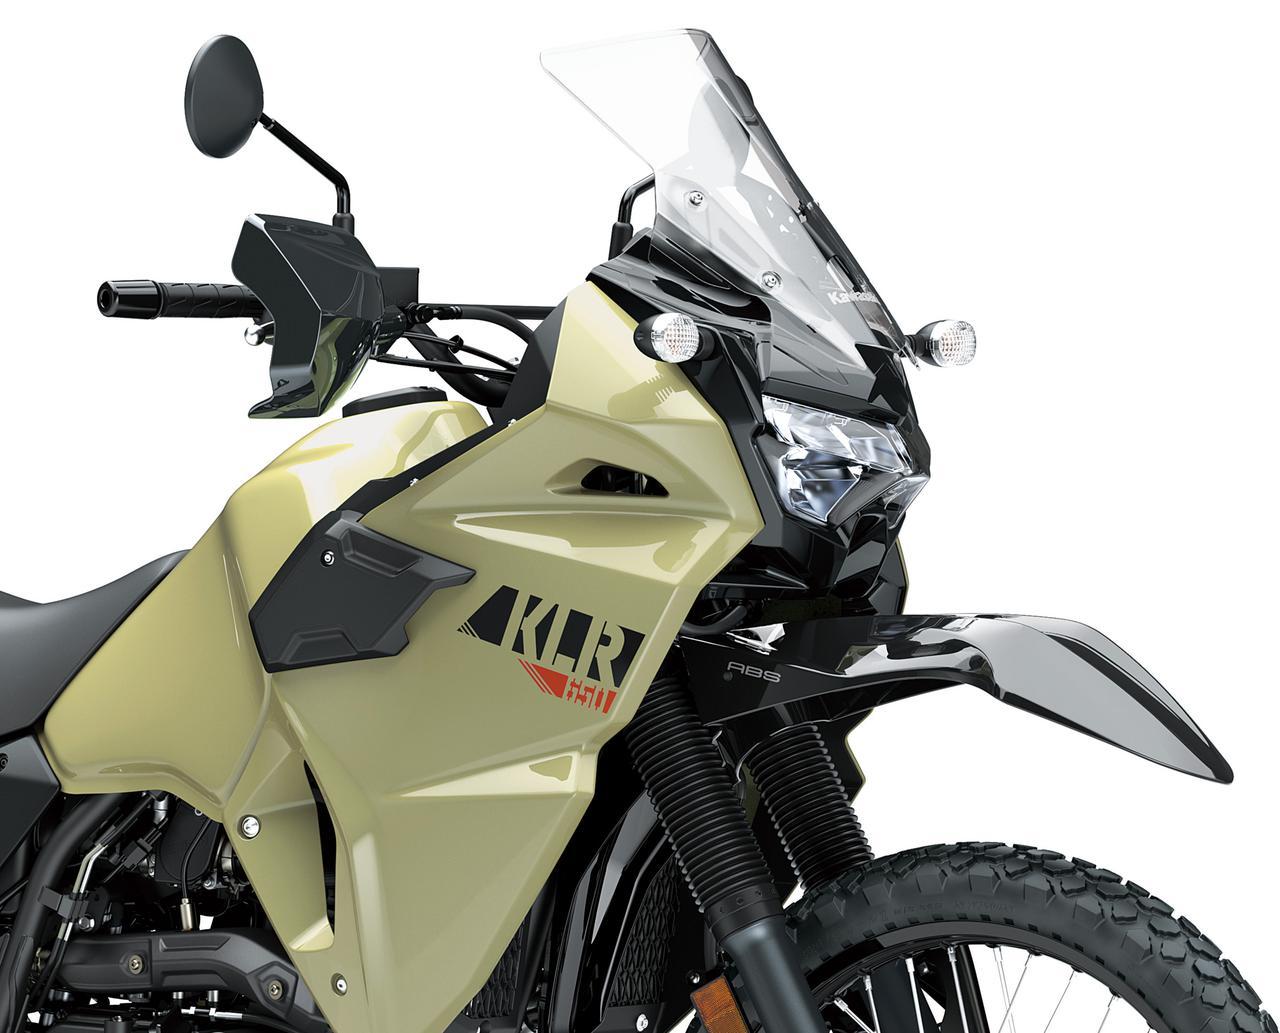 カワサキが新型「KLR650」を米国で発表! 13年ぶりのモデルチェンジを受けて魅力的なアドベンチャーツアラーへと変貌